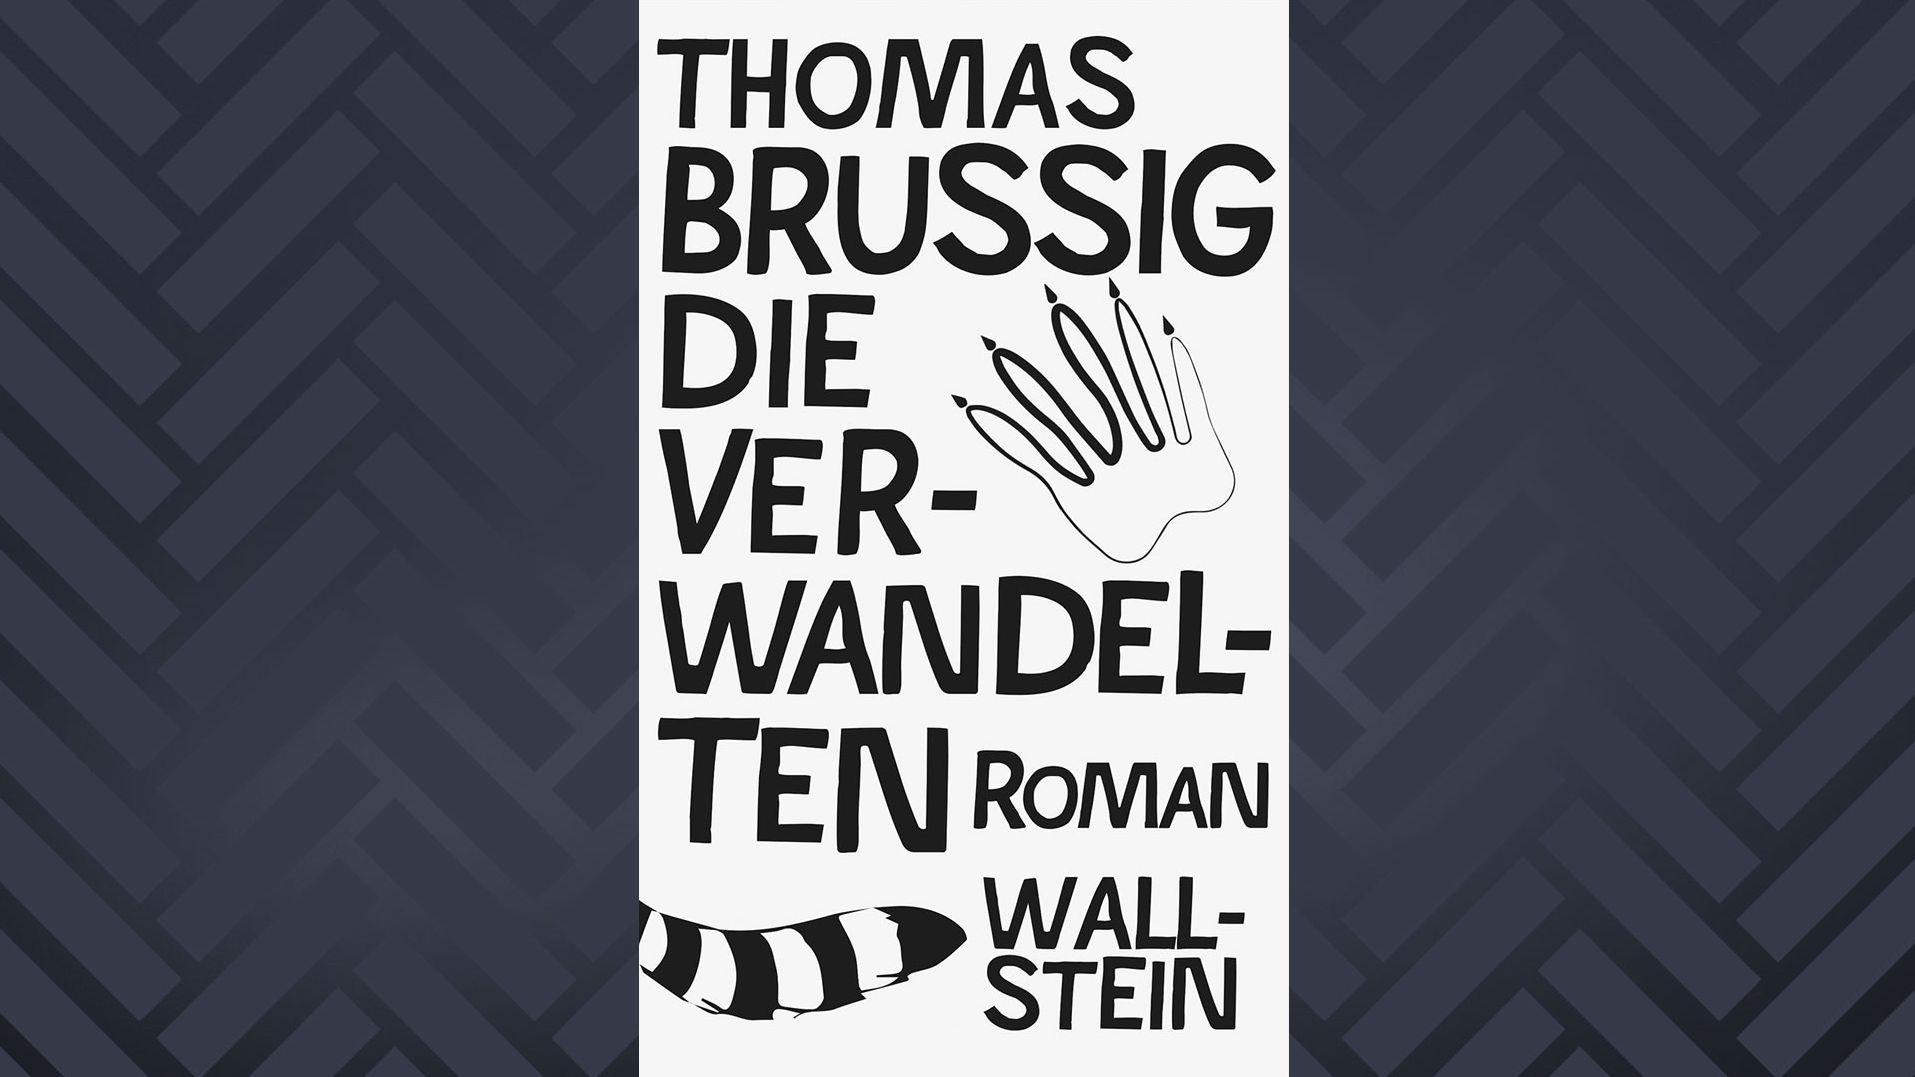 """Buchcover Thomas Brussig, """"Die Verwandelten"""": Schwarze Schrift auf weißem Grund mit Zeichnungen von Pfote und Schwanz eines Waschbären"""